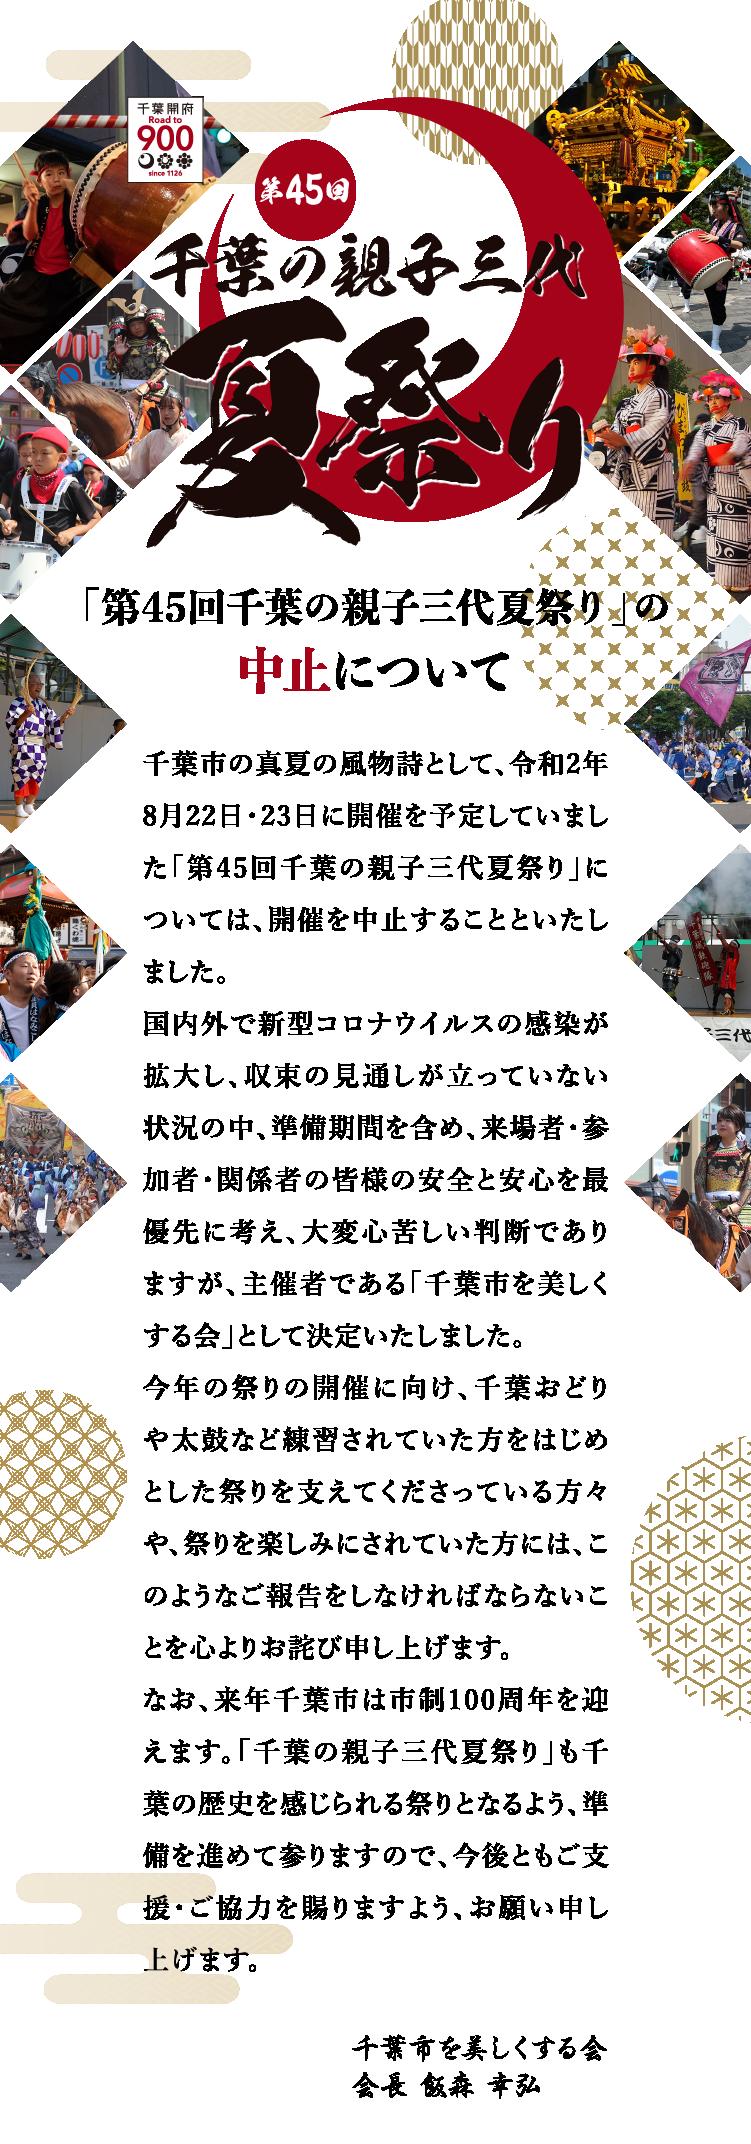 千葉市の真夏の風物詩として、令和2年8月22日・23日に開催を予定していました「第45回 千葉の親子三代夏祭り」については、開催を中止することといたしました。国内外で新型コロナウイルスの感染が拡大し、収束の見通しが立っていない状況の中、準 備期間を含め、来場者・参加者・関係者の皆様の安全と安心を最優先に考え、大変心苦し い判断でありますが、主催者である「千葉市を美しくする会」として決定いたしました。今年の祭りの開催に向け、千葉おどりや太鼓など練習されていた方をはじめとした祭りを 支えてくださっている方々や、祭りを楽しみにされていた方には、このようなご報告をしなけ ればならないことを心よりお詫び申し上げます。なお、来年千葉市は市制100周年を迎えます。「千葉の親子三代夏祭り」も千葉の歴史を感 じられる祭りとなるよう、準備を進めて参りますので、今後ともご支援・ご協力を賜りますよ う、お願い申し上げます。